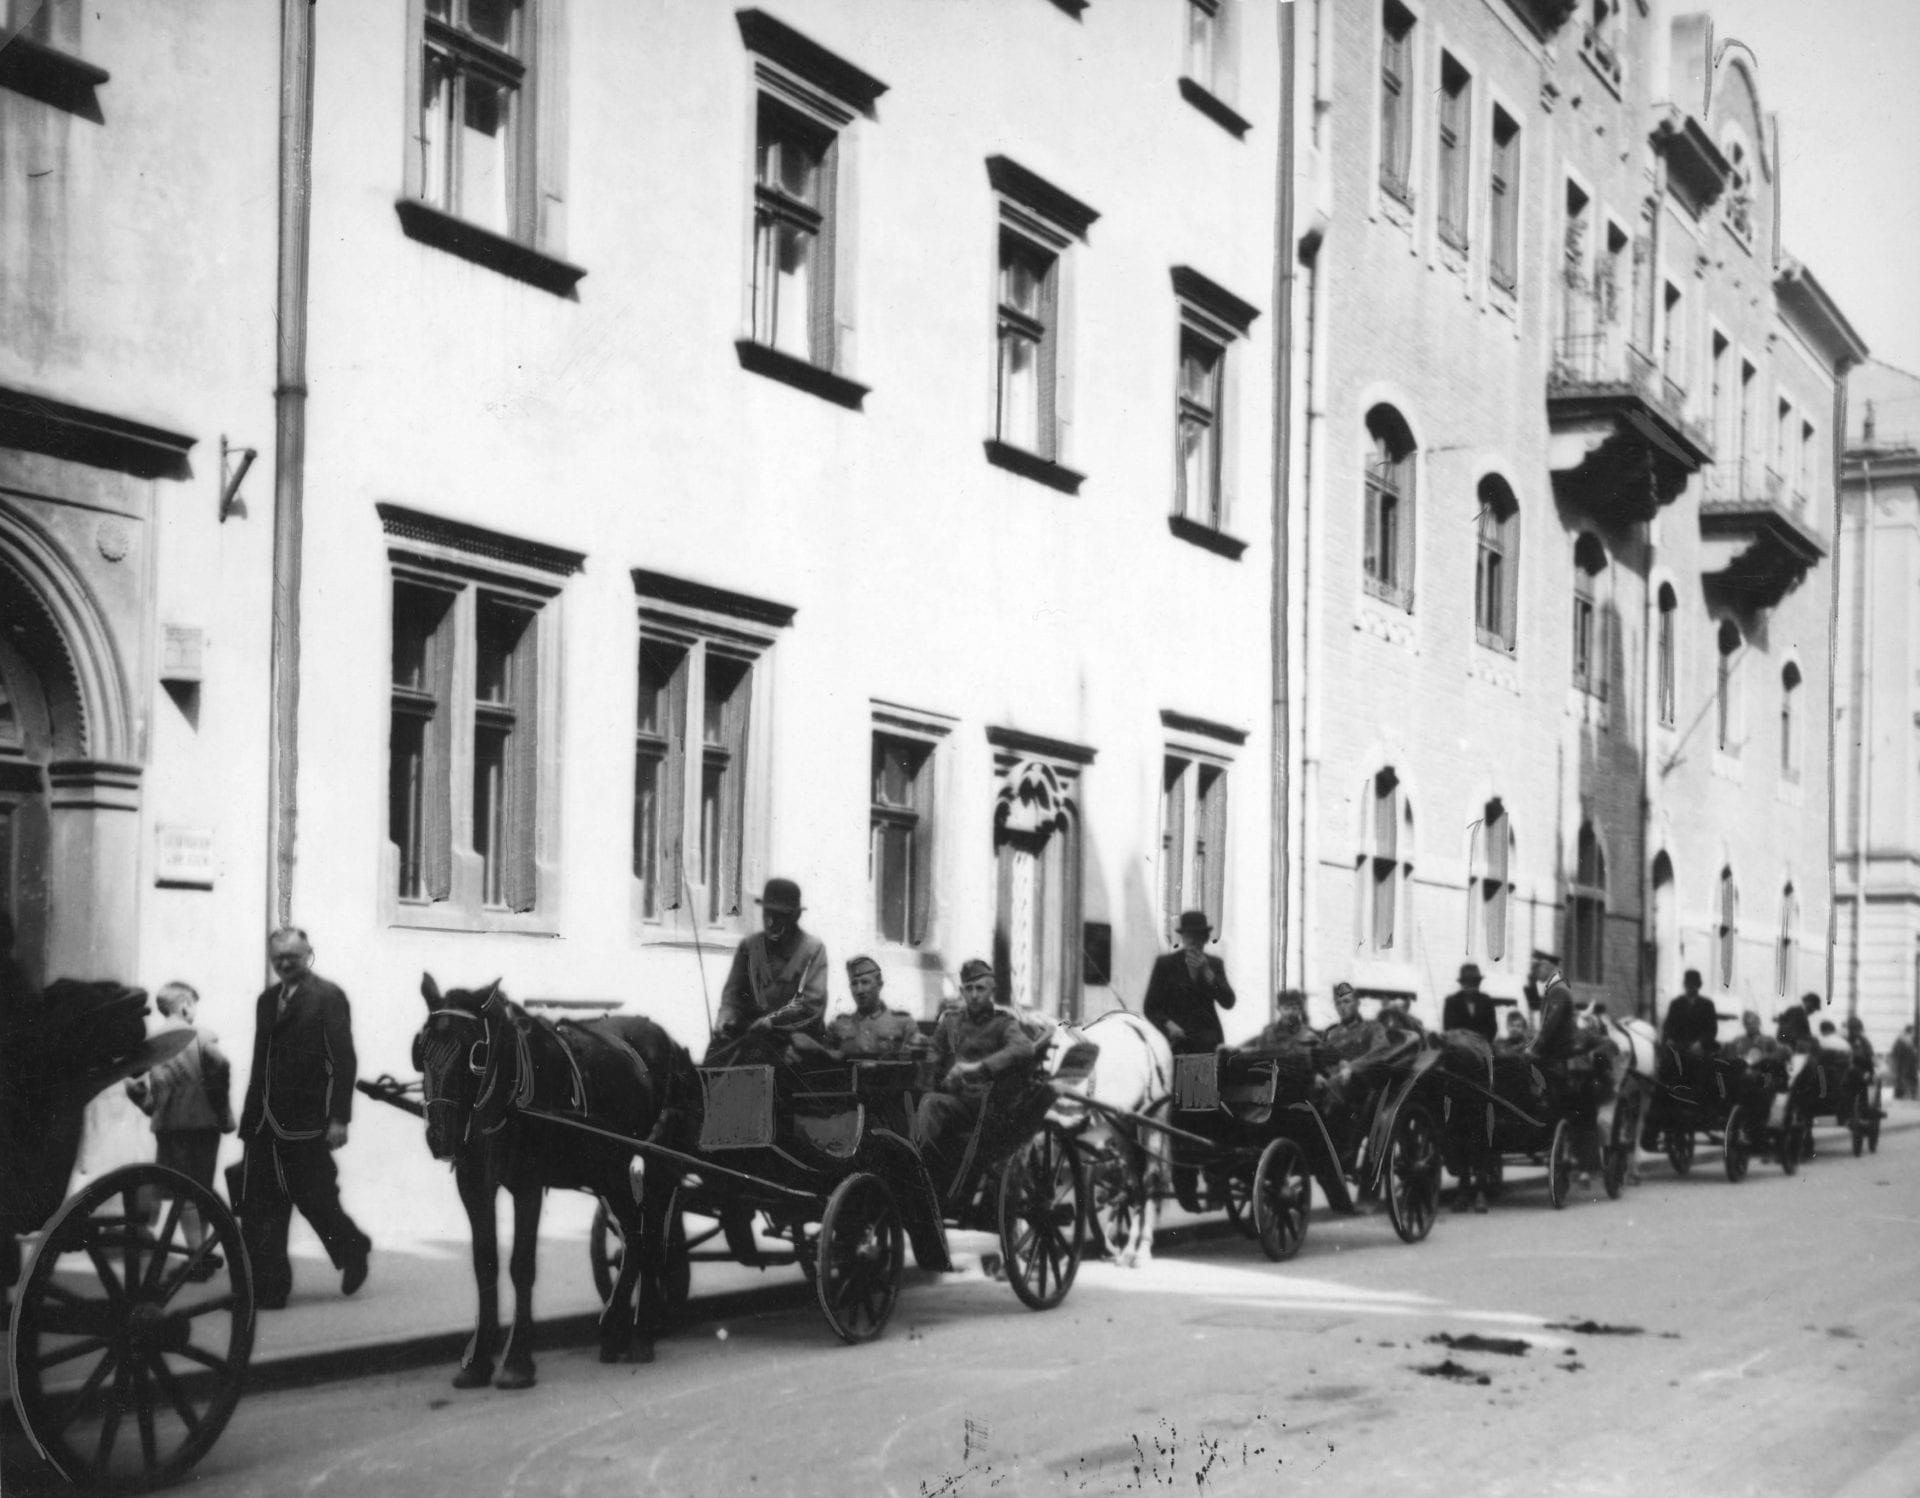 Niemieccy żołnierze zwiedzają Kraków w dorożkach. Zdjęcie zrobiono ok. 1941 roku. Źródło: Narodowe Archiwum Cyfrowe.